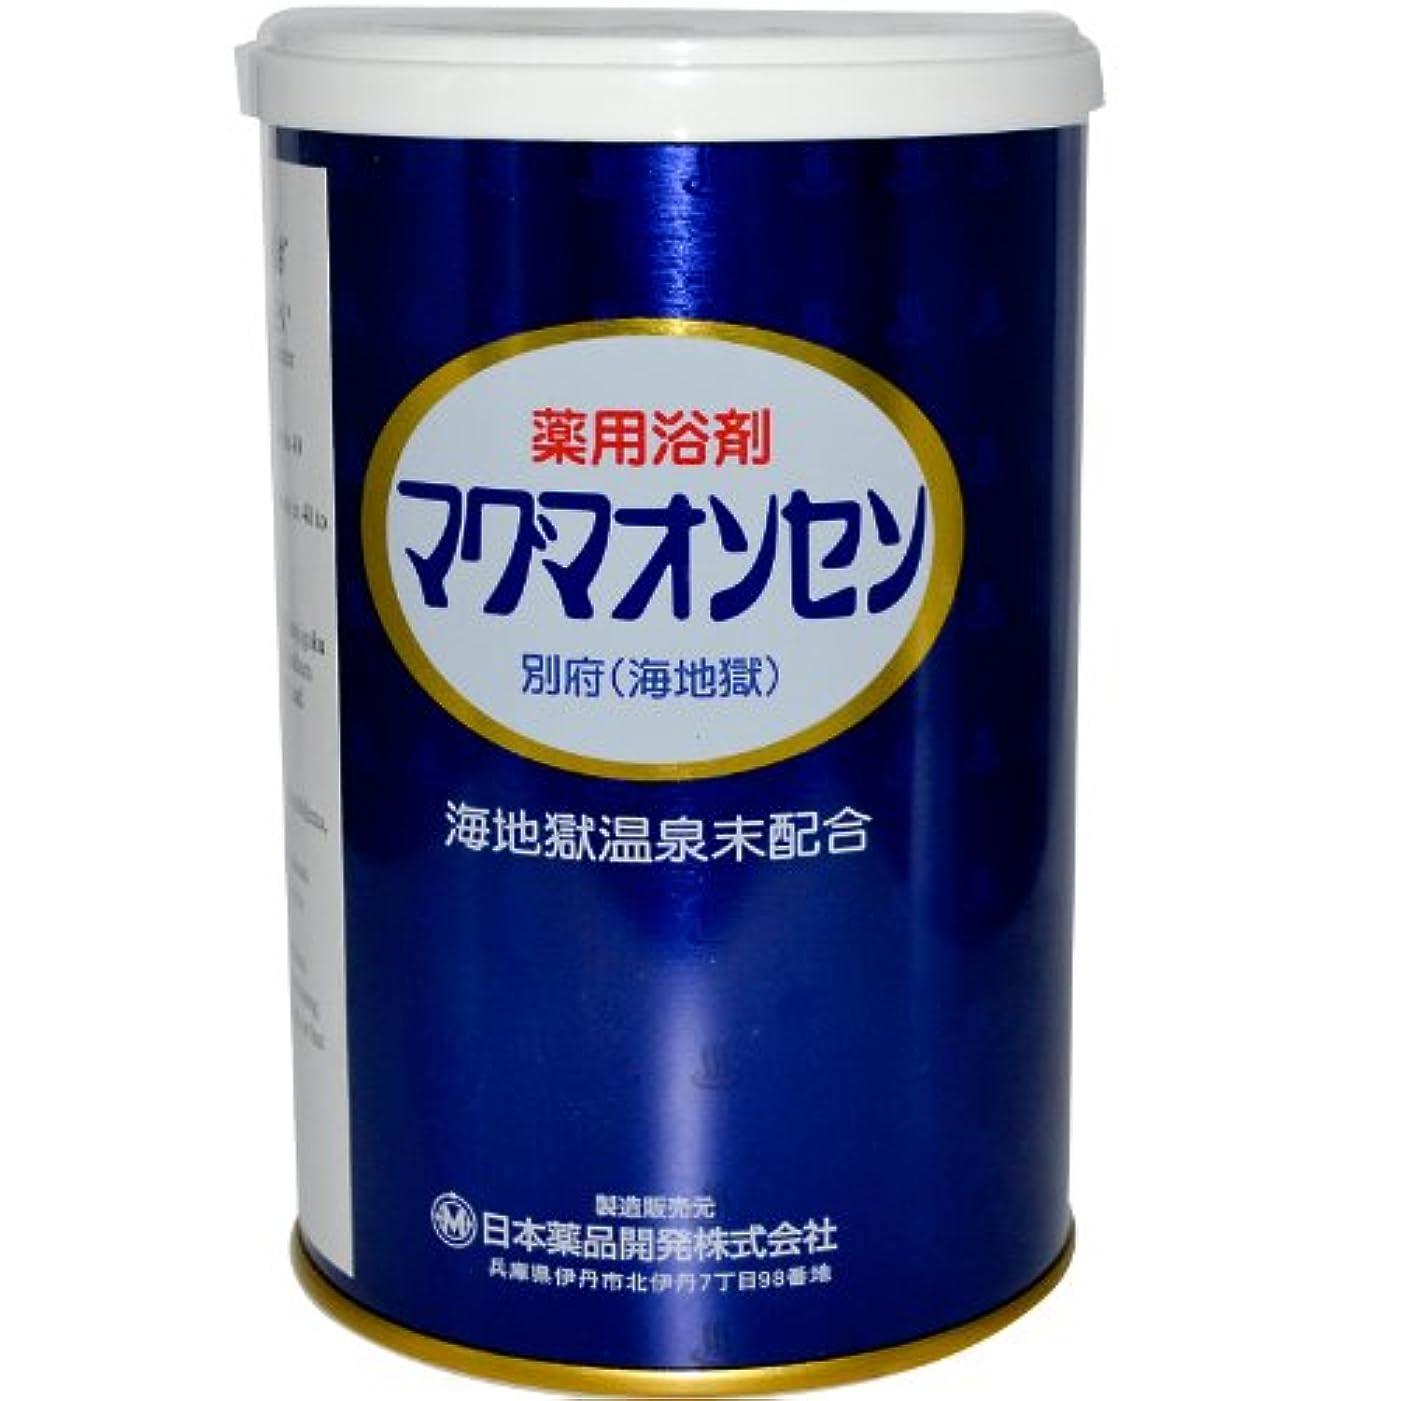 顎水を飲む放映マグマオンセン別府(海地獄) 500g